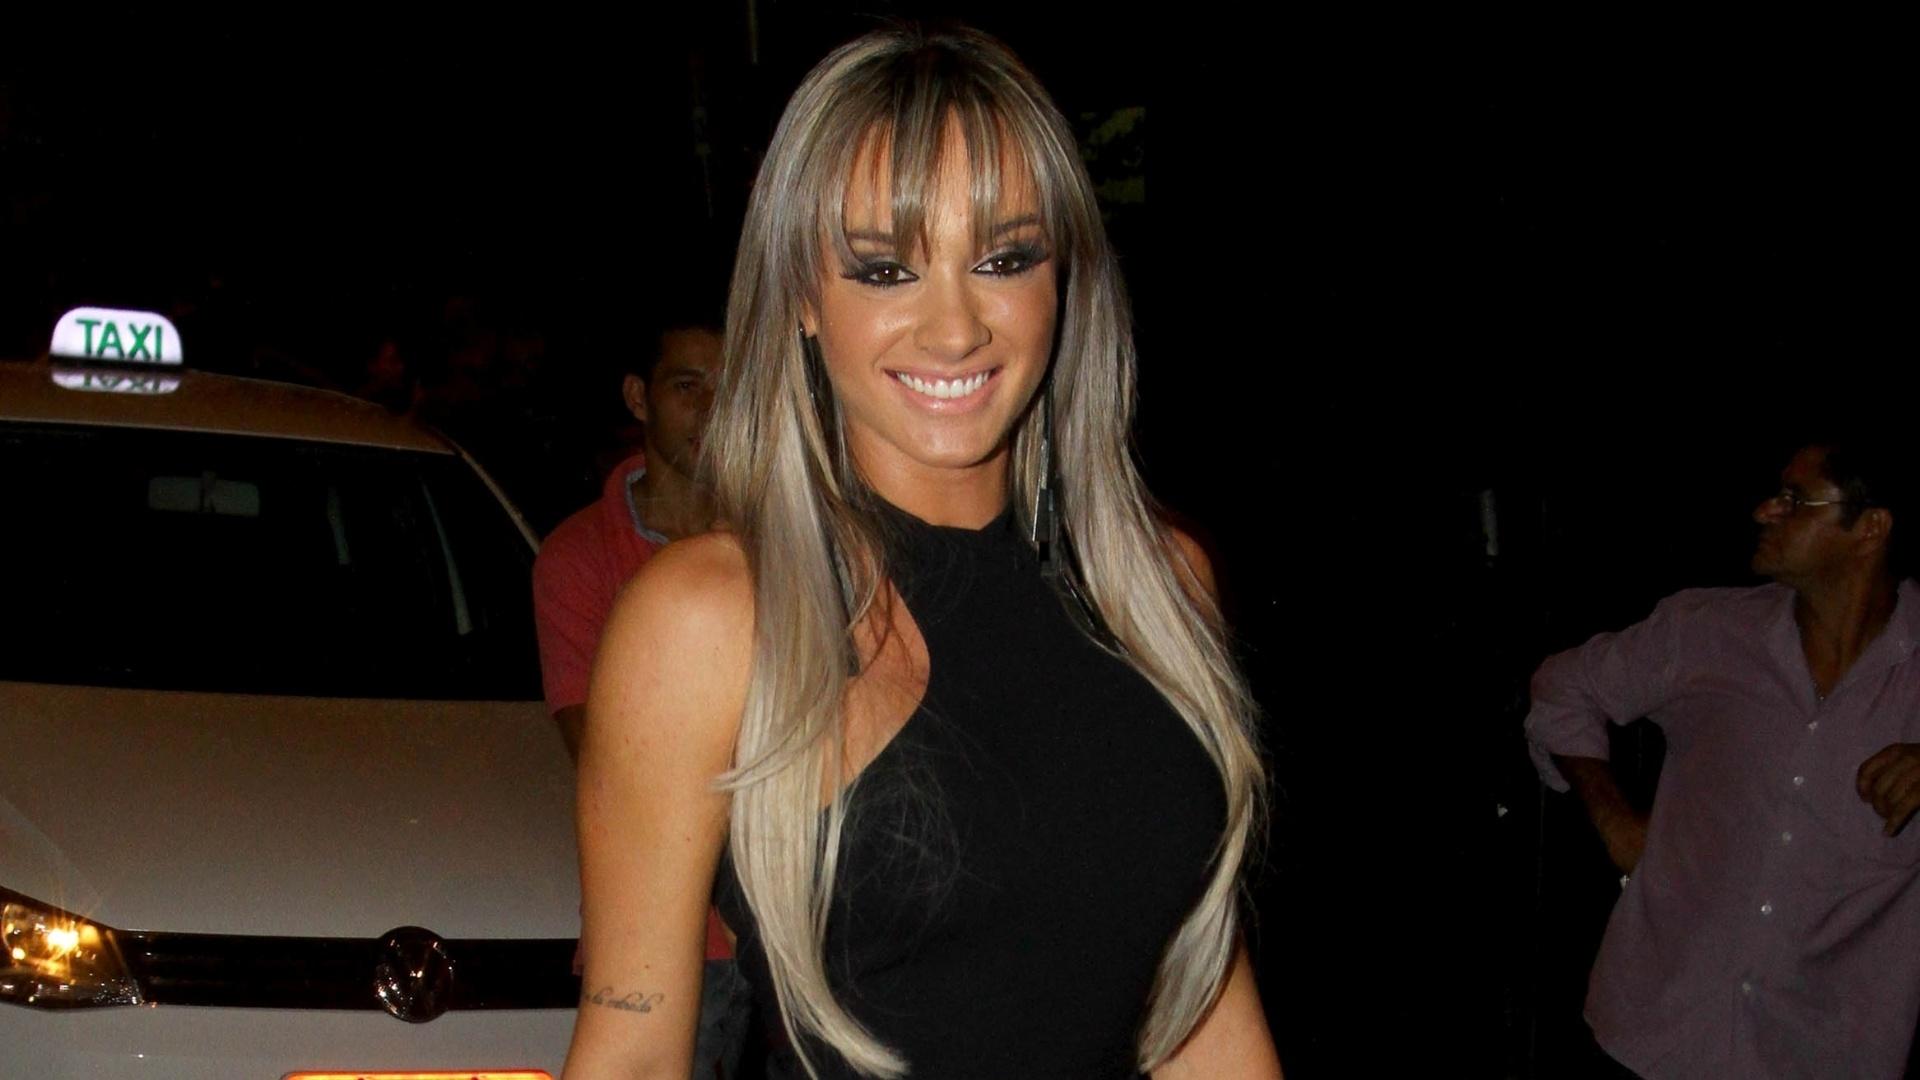 Outra celebridade que apareceu na festa foi a dançarina Juliana Salimeni, ex-Panicat e atual participante do programa Legendários, da TV Record